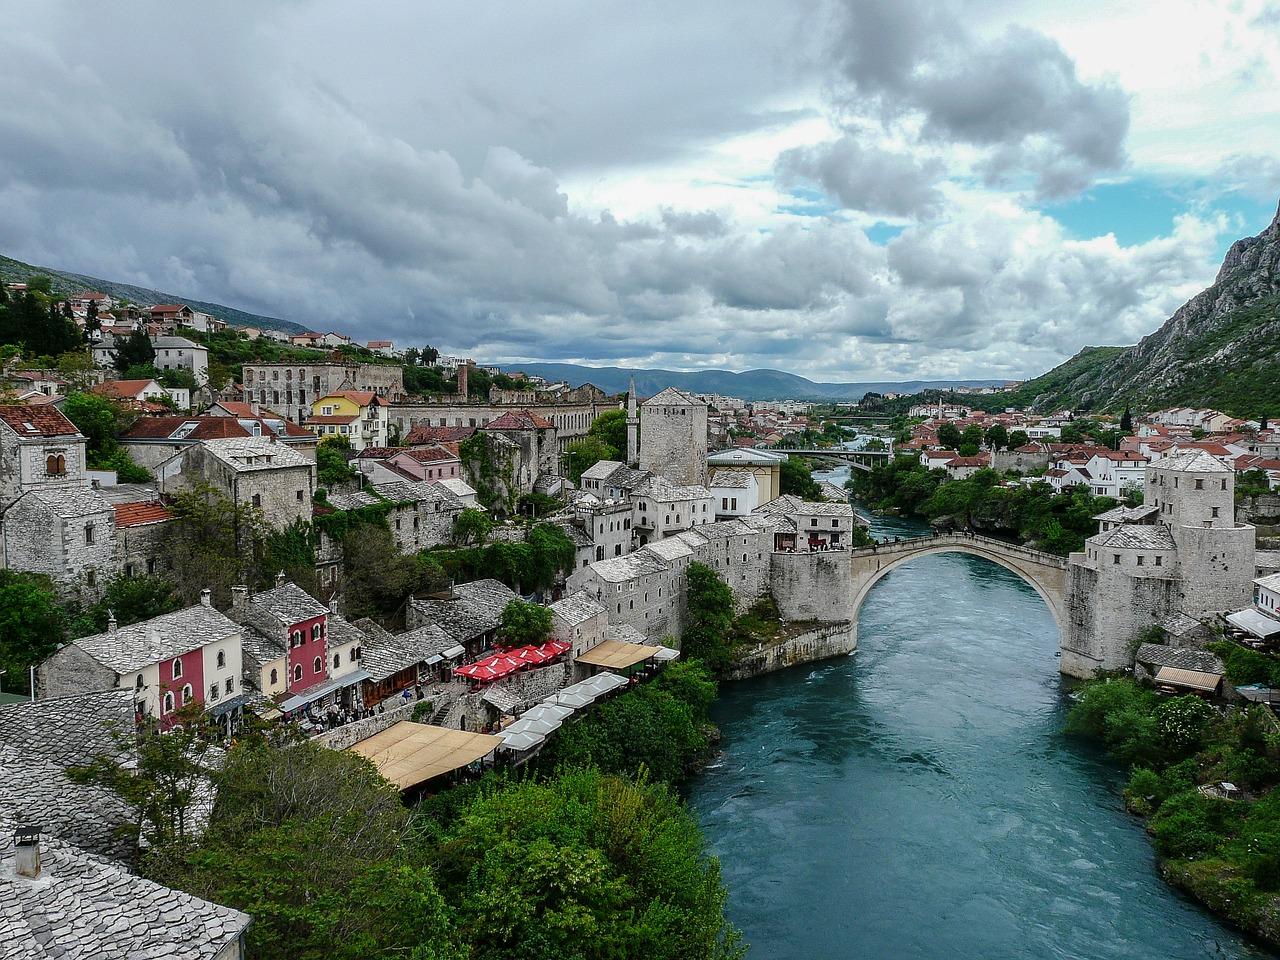 Картинка балканского полуострова